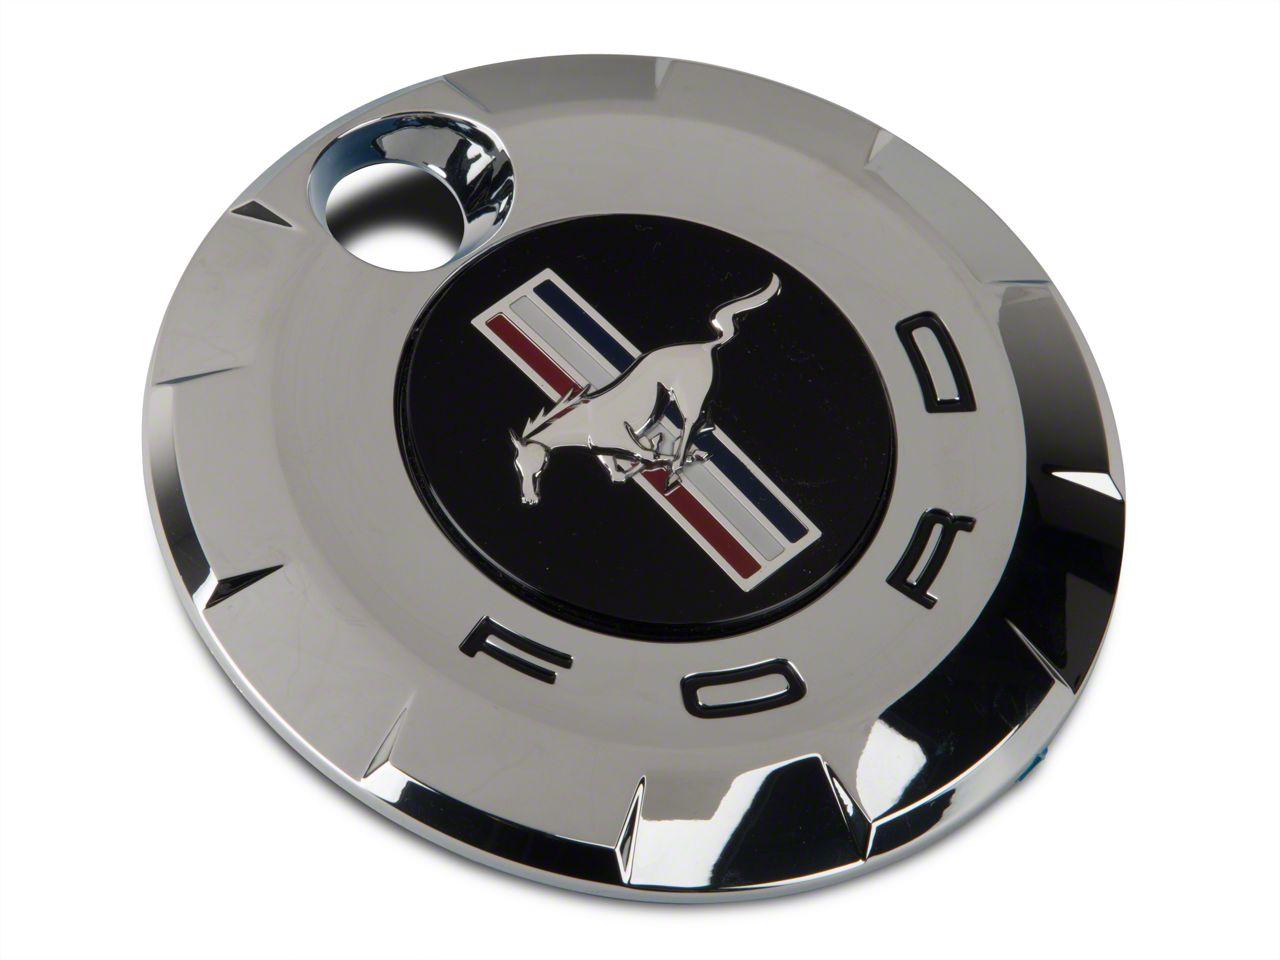 Ford Tri-bar Running Pony Rear Decklid Emblem (05-09 All)